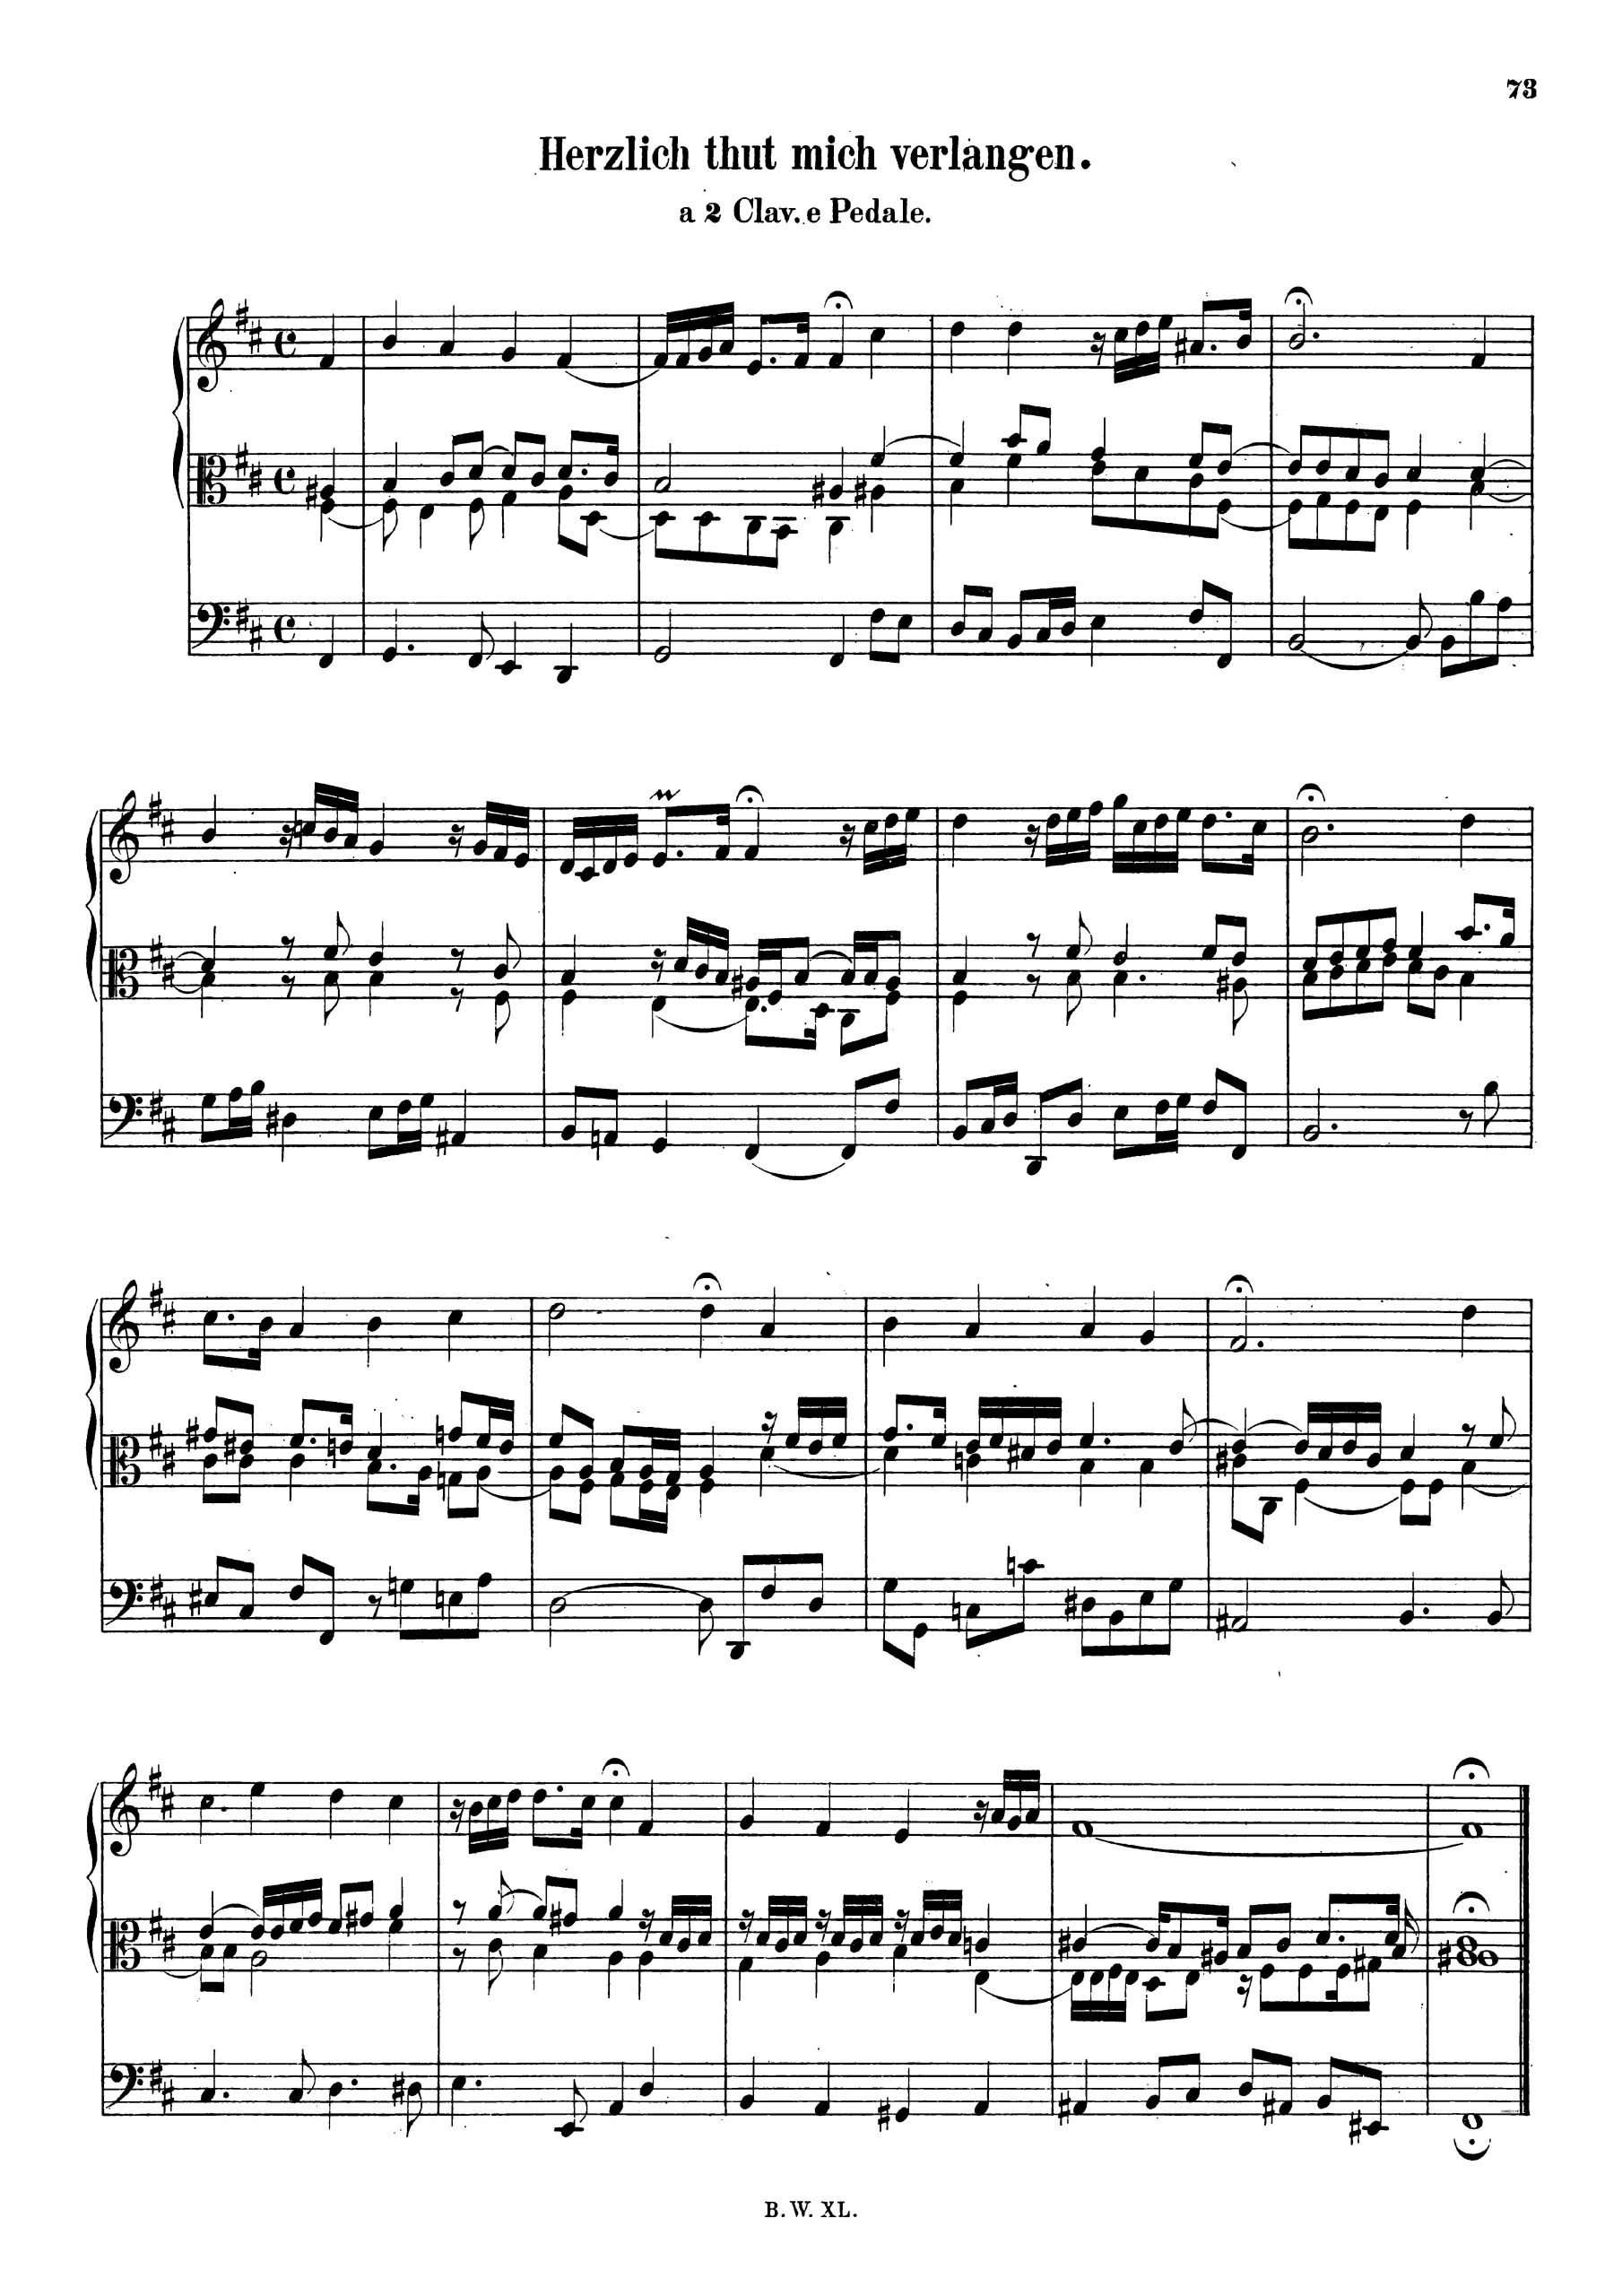 Bach, Johann Sebastian - Herzlich tut mich verlangen, BWV 727